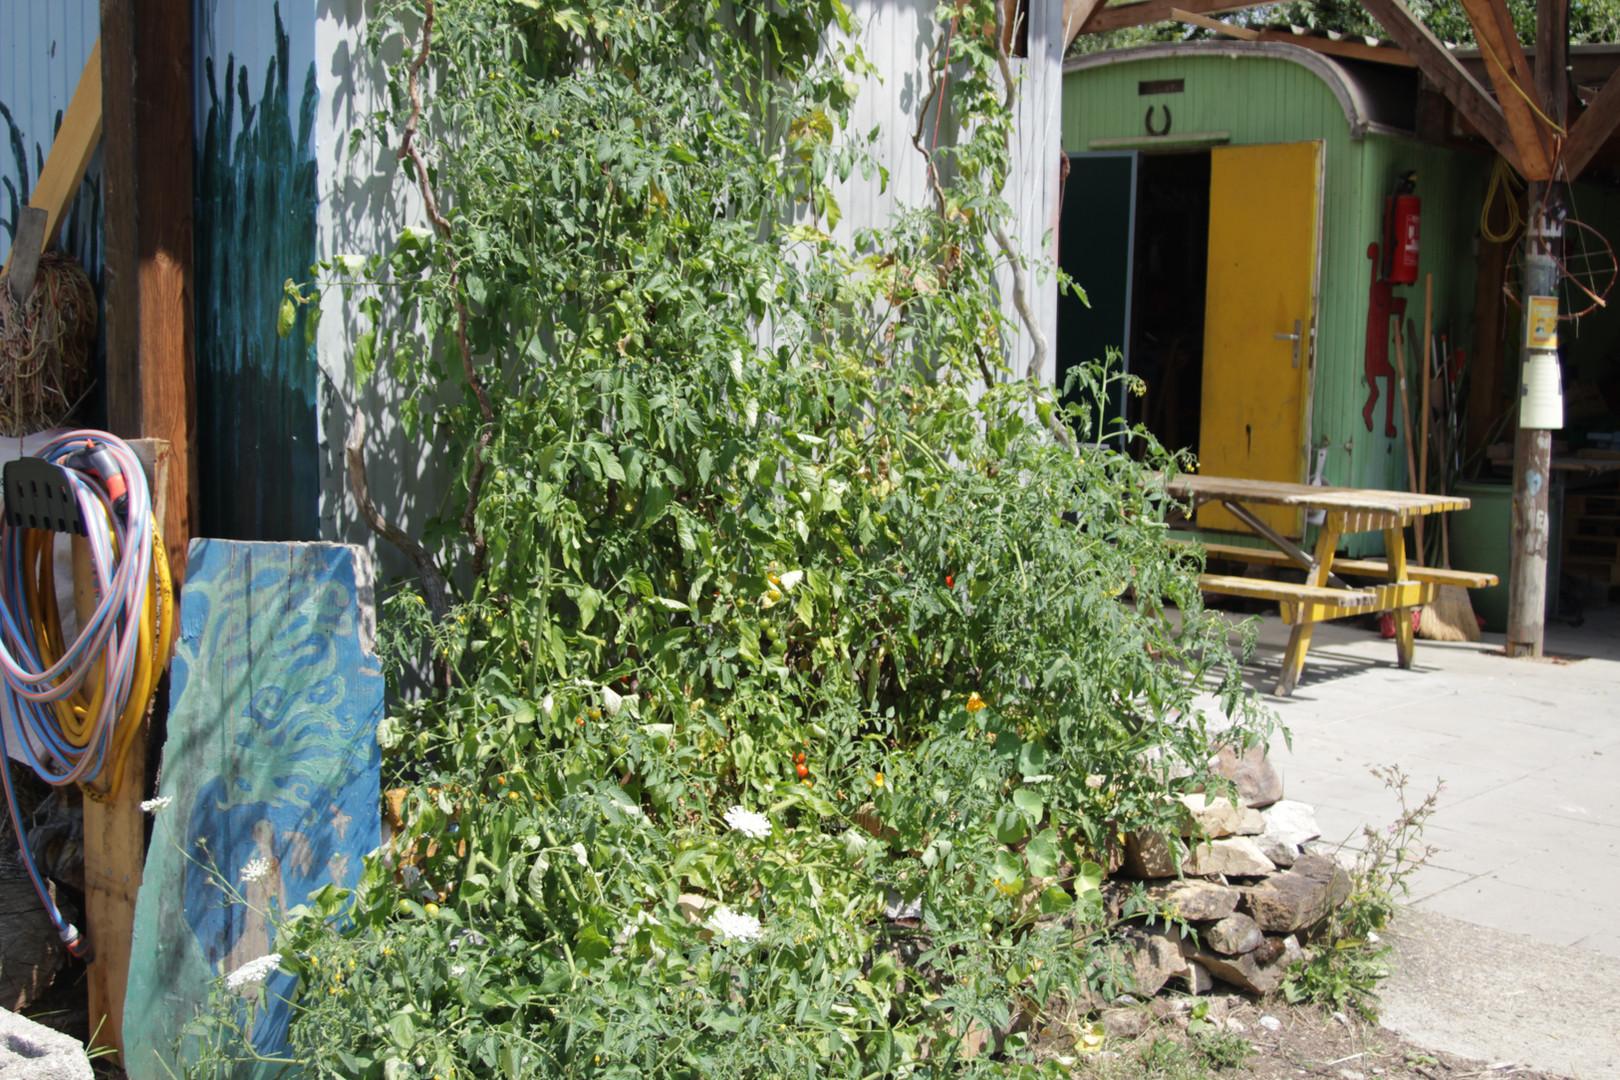 Tomaten, Basilikum und Hopfen